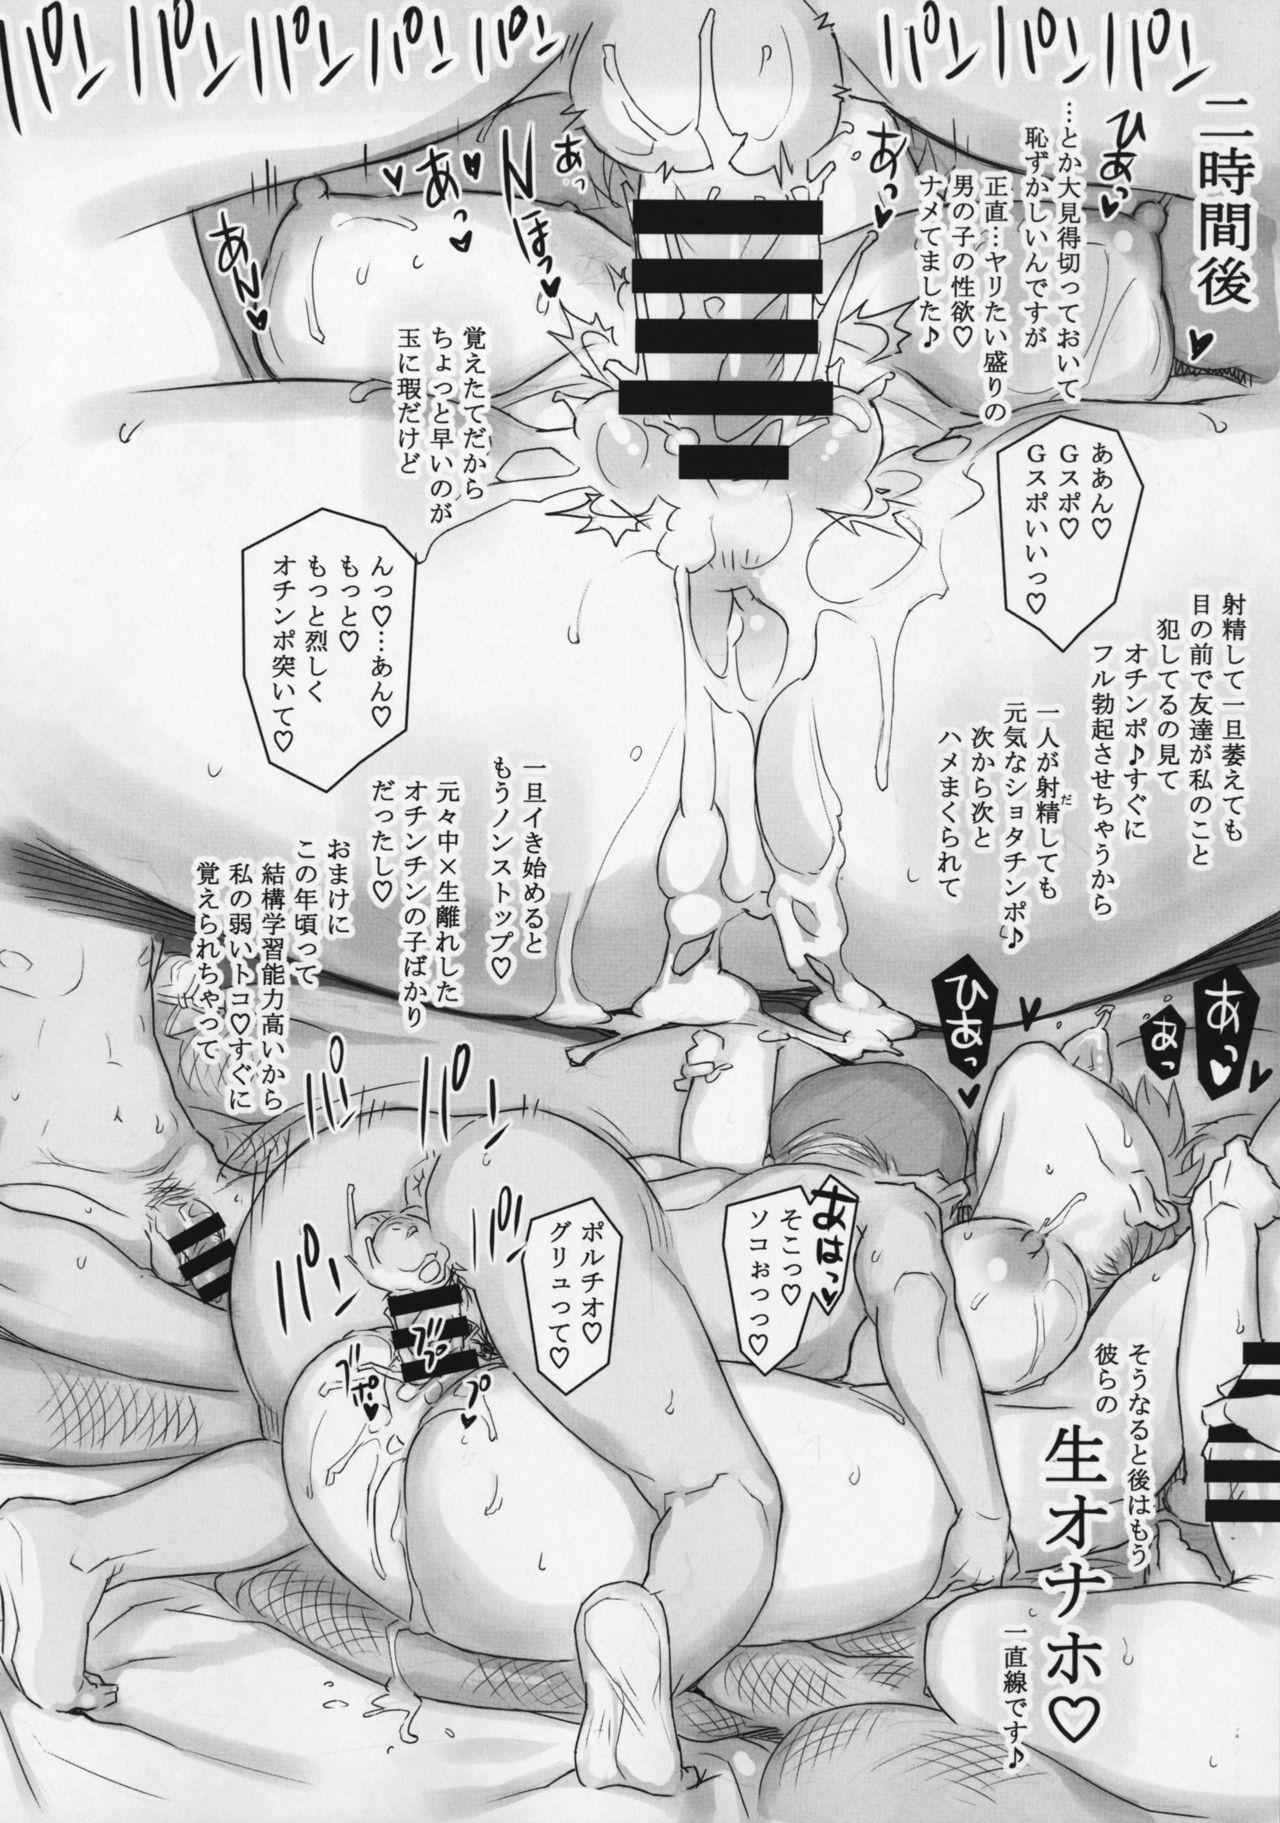 Kasumi-chan to Nobetumakunashi 7 12